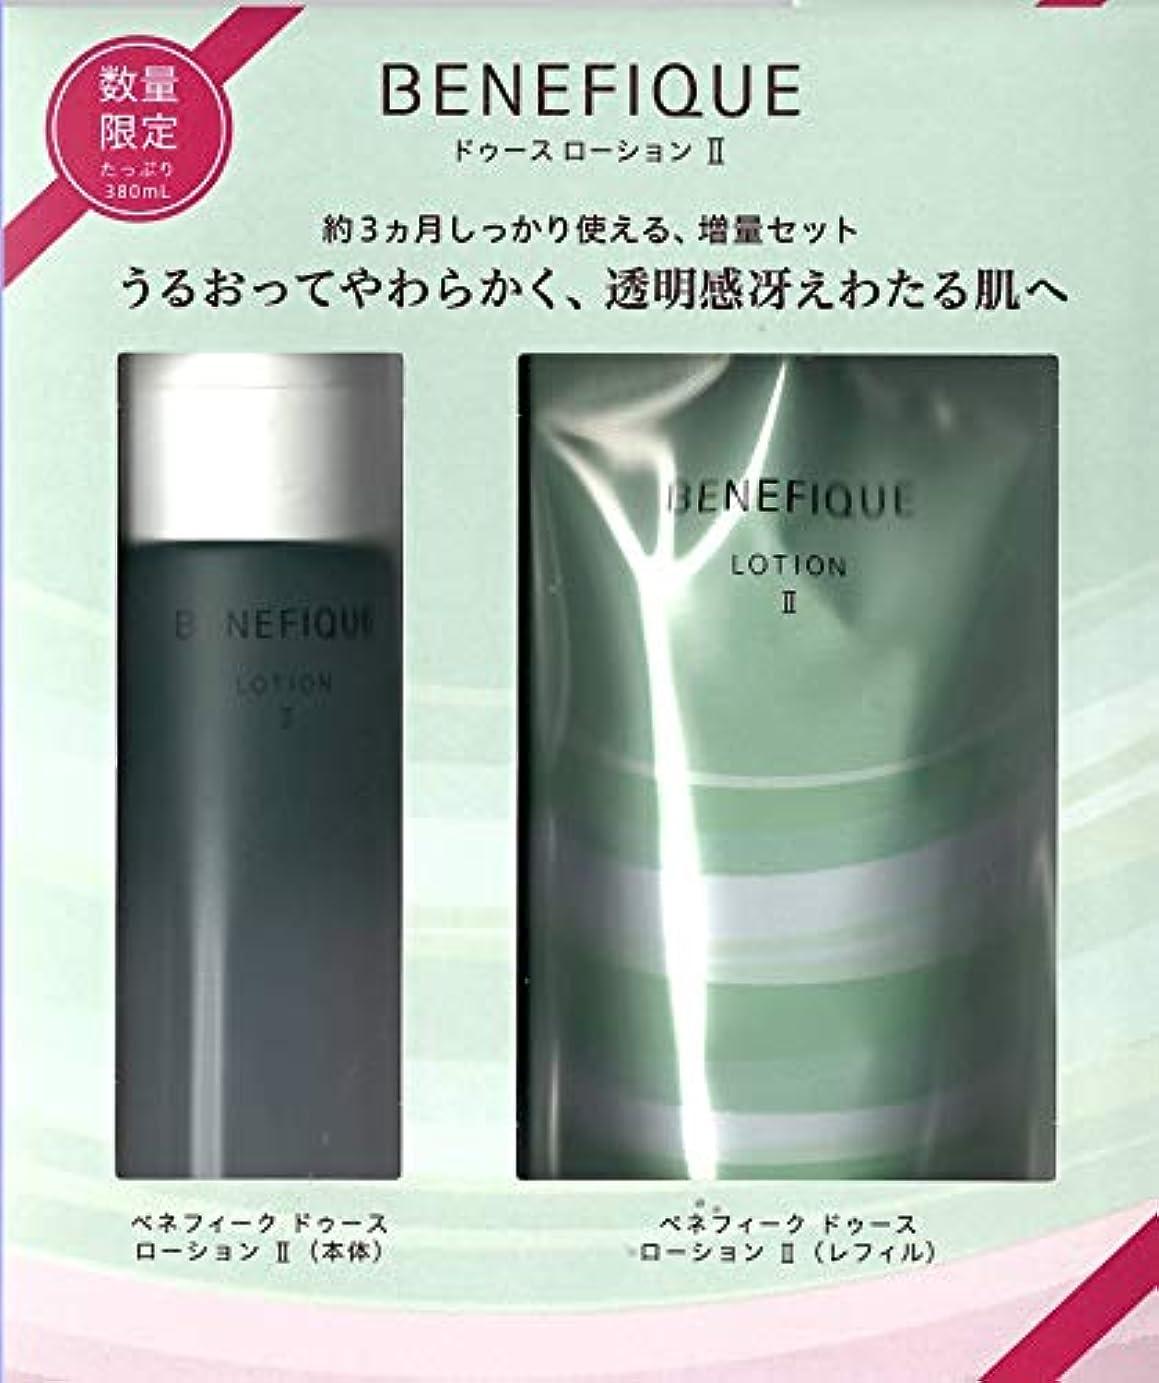 ベネフィーク ドゥース ローション Ⅱ 増量セット(化粧水)